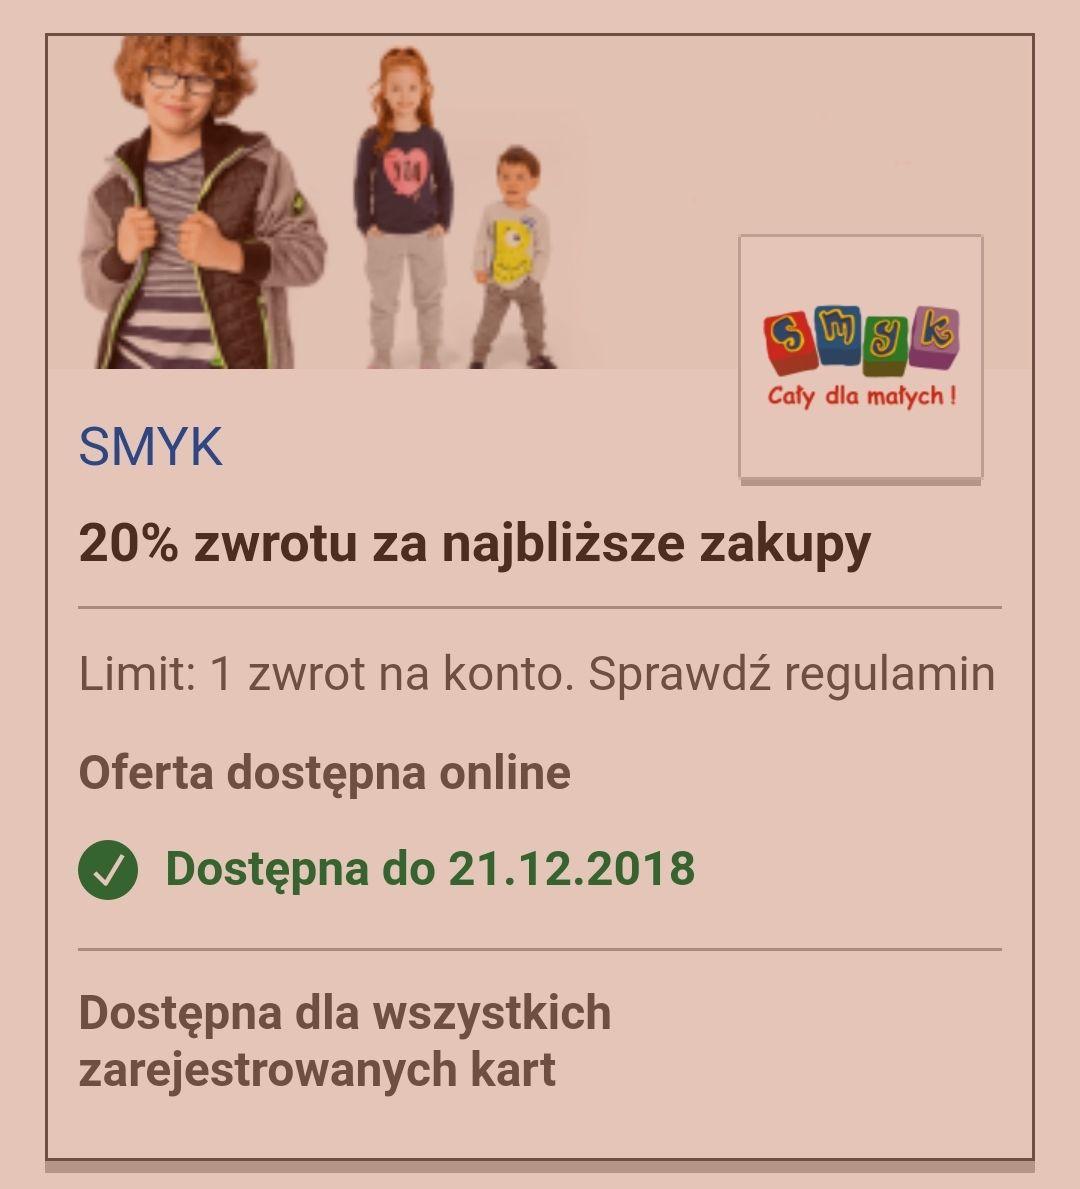 20% zwrotu za zakupy w smyk.com do kwoty 200 zł @visaoferty